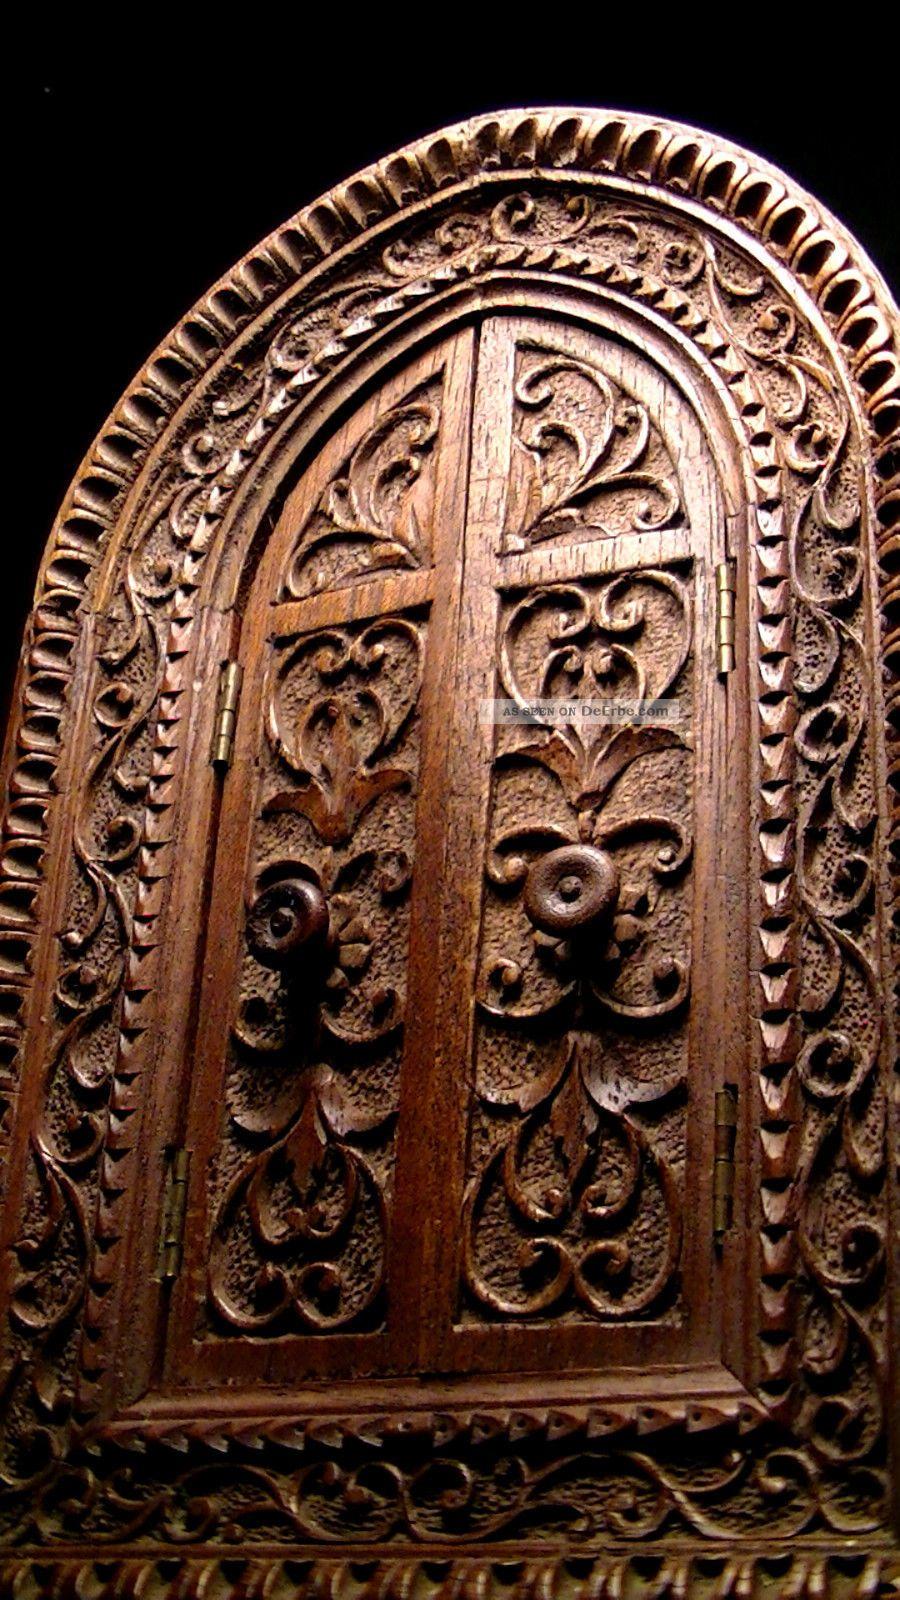 Schönes Altes Fenster,  Neogotisch,  Klappbare Flügel,  Holz Schnitzerei,  Hausaltar 1900-1949 Bild